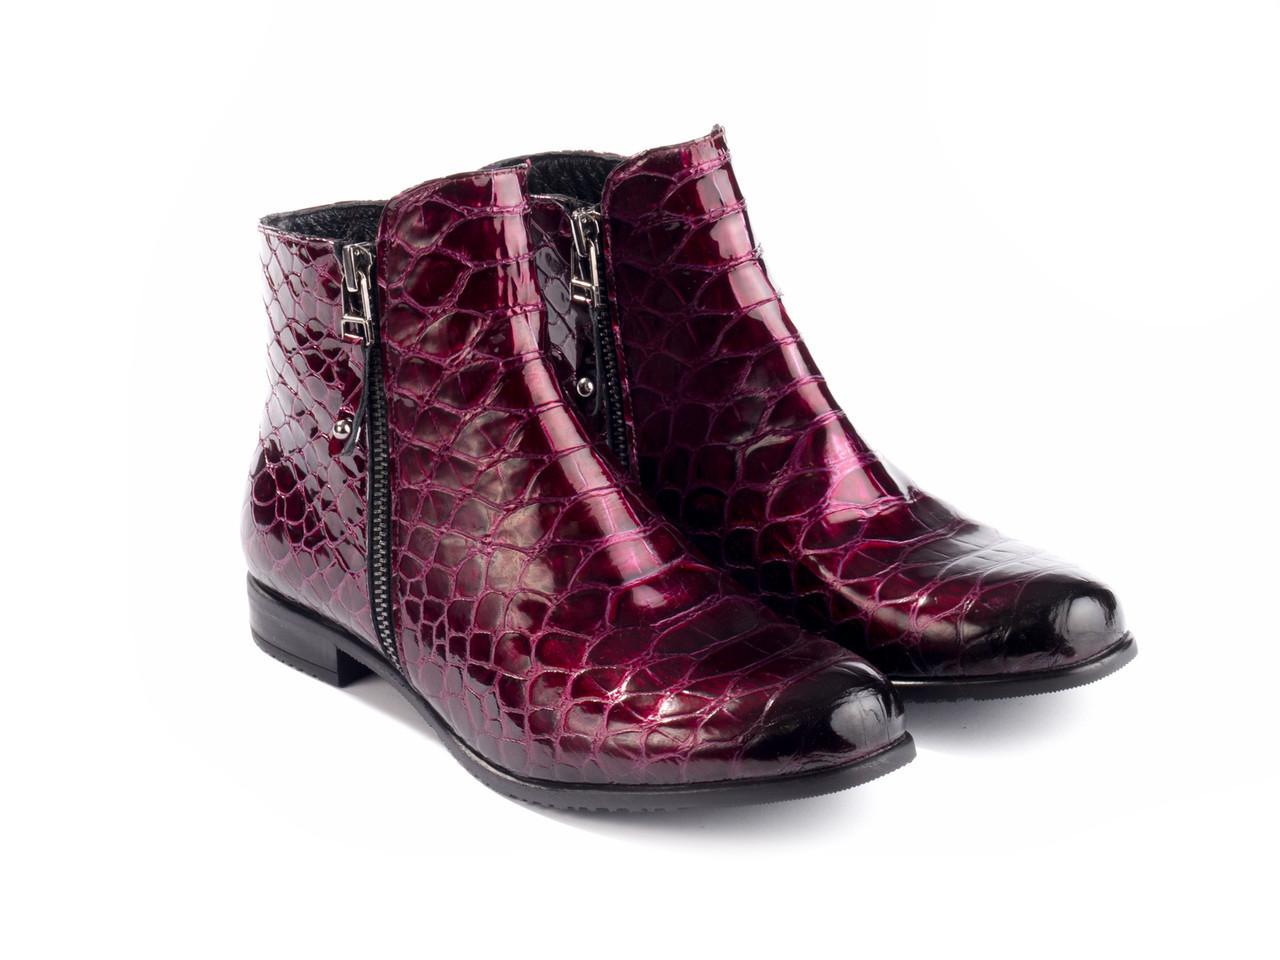 Ботинки Etor 5828-51046-015 38 бордовые